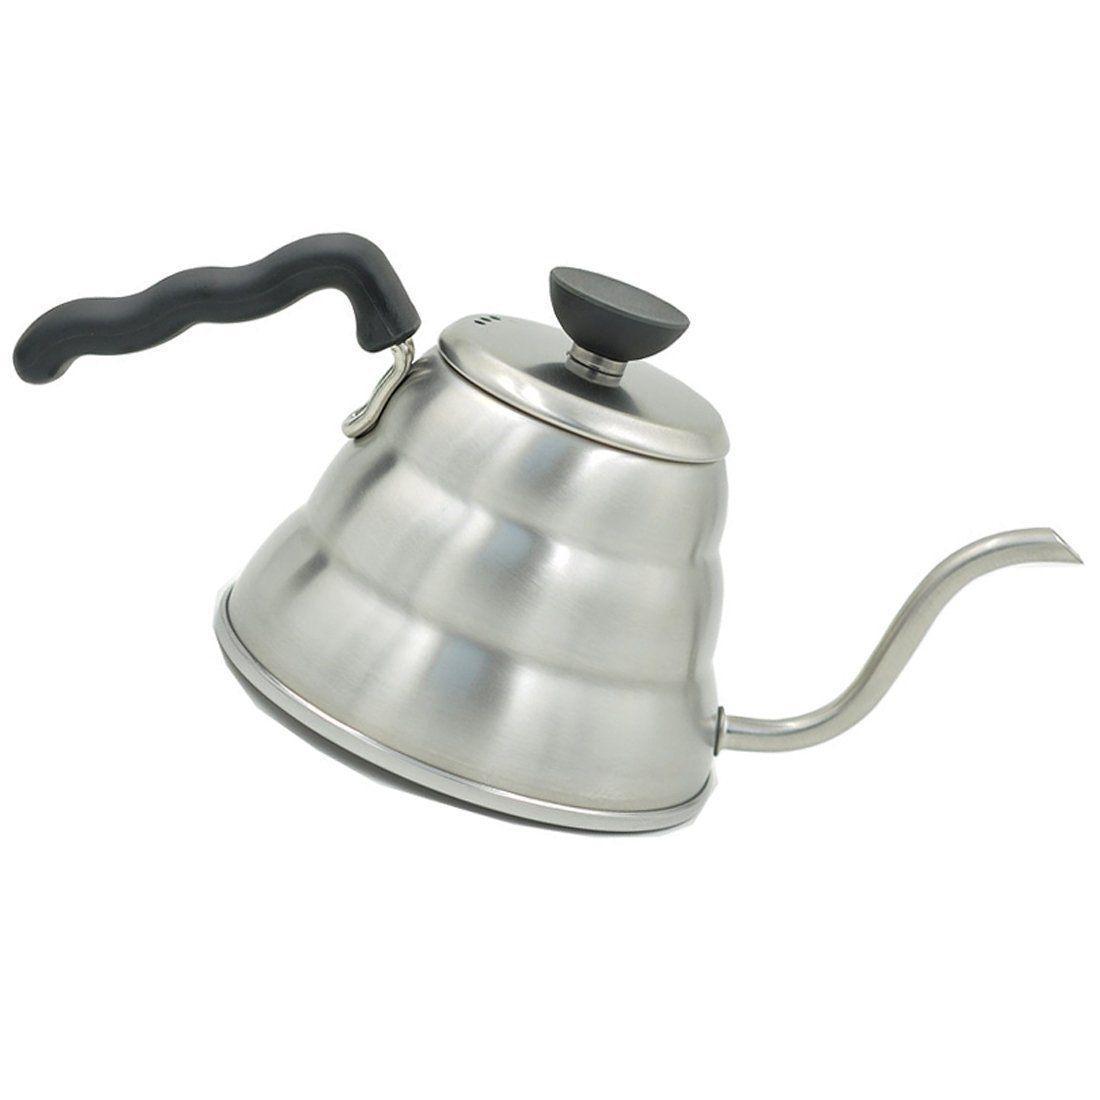 Чайник Hario V60 Buono 100 HSV для заваривания кофе (1 л)